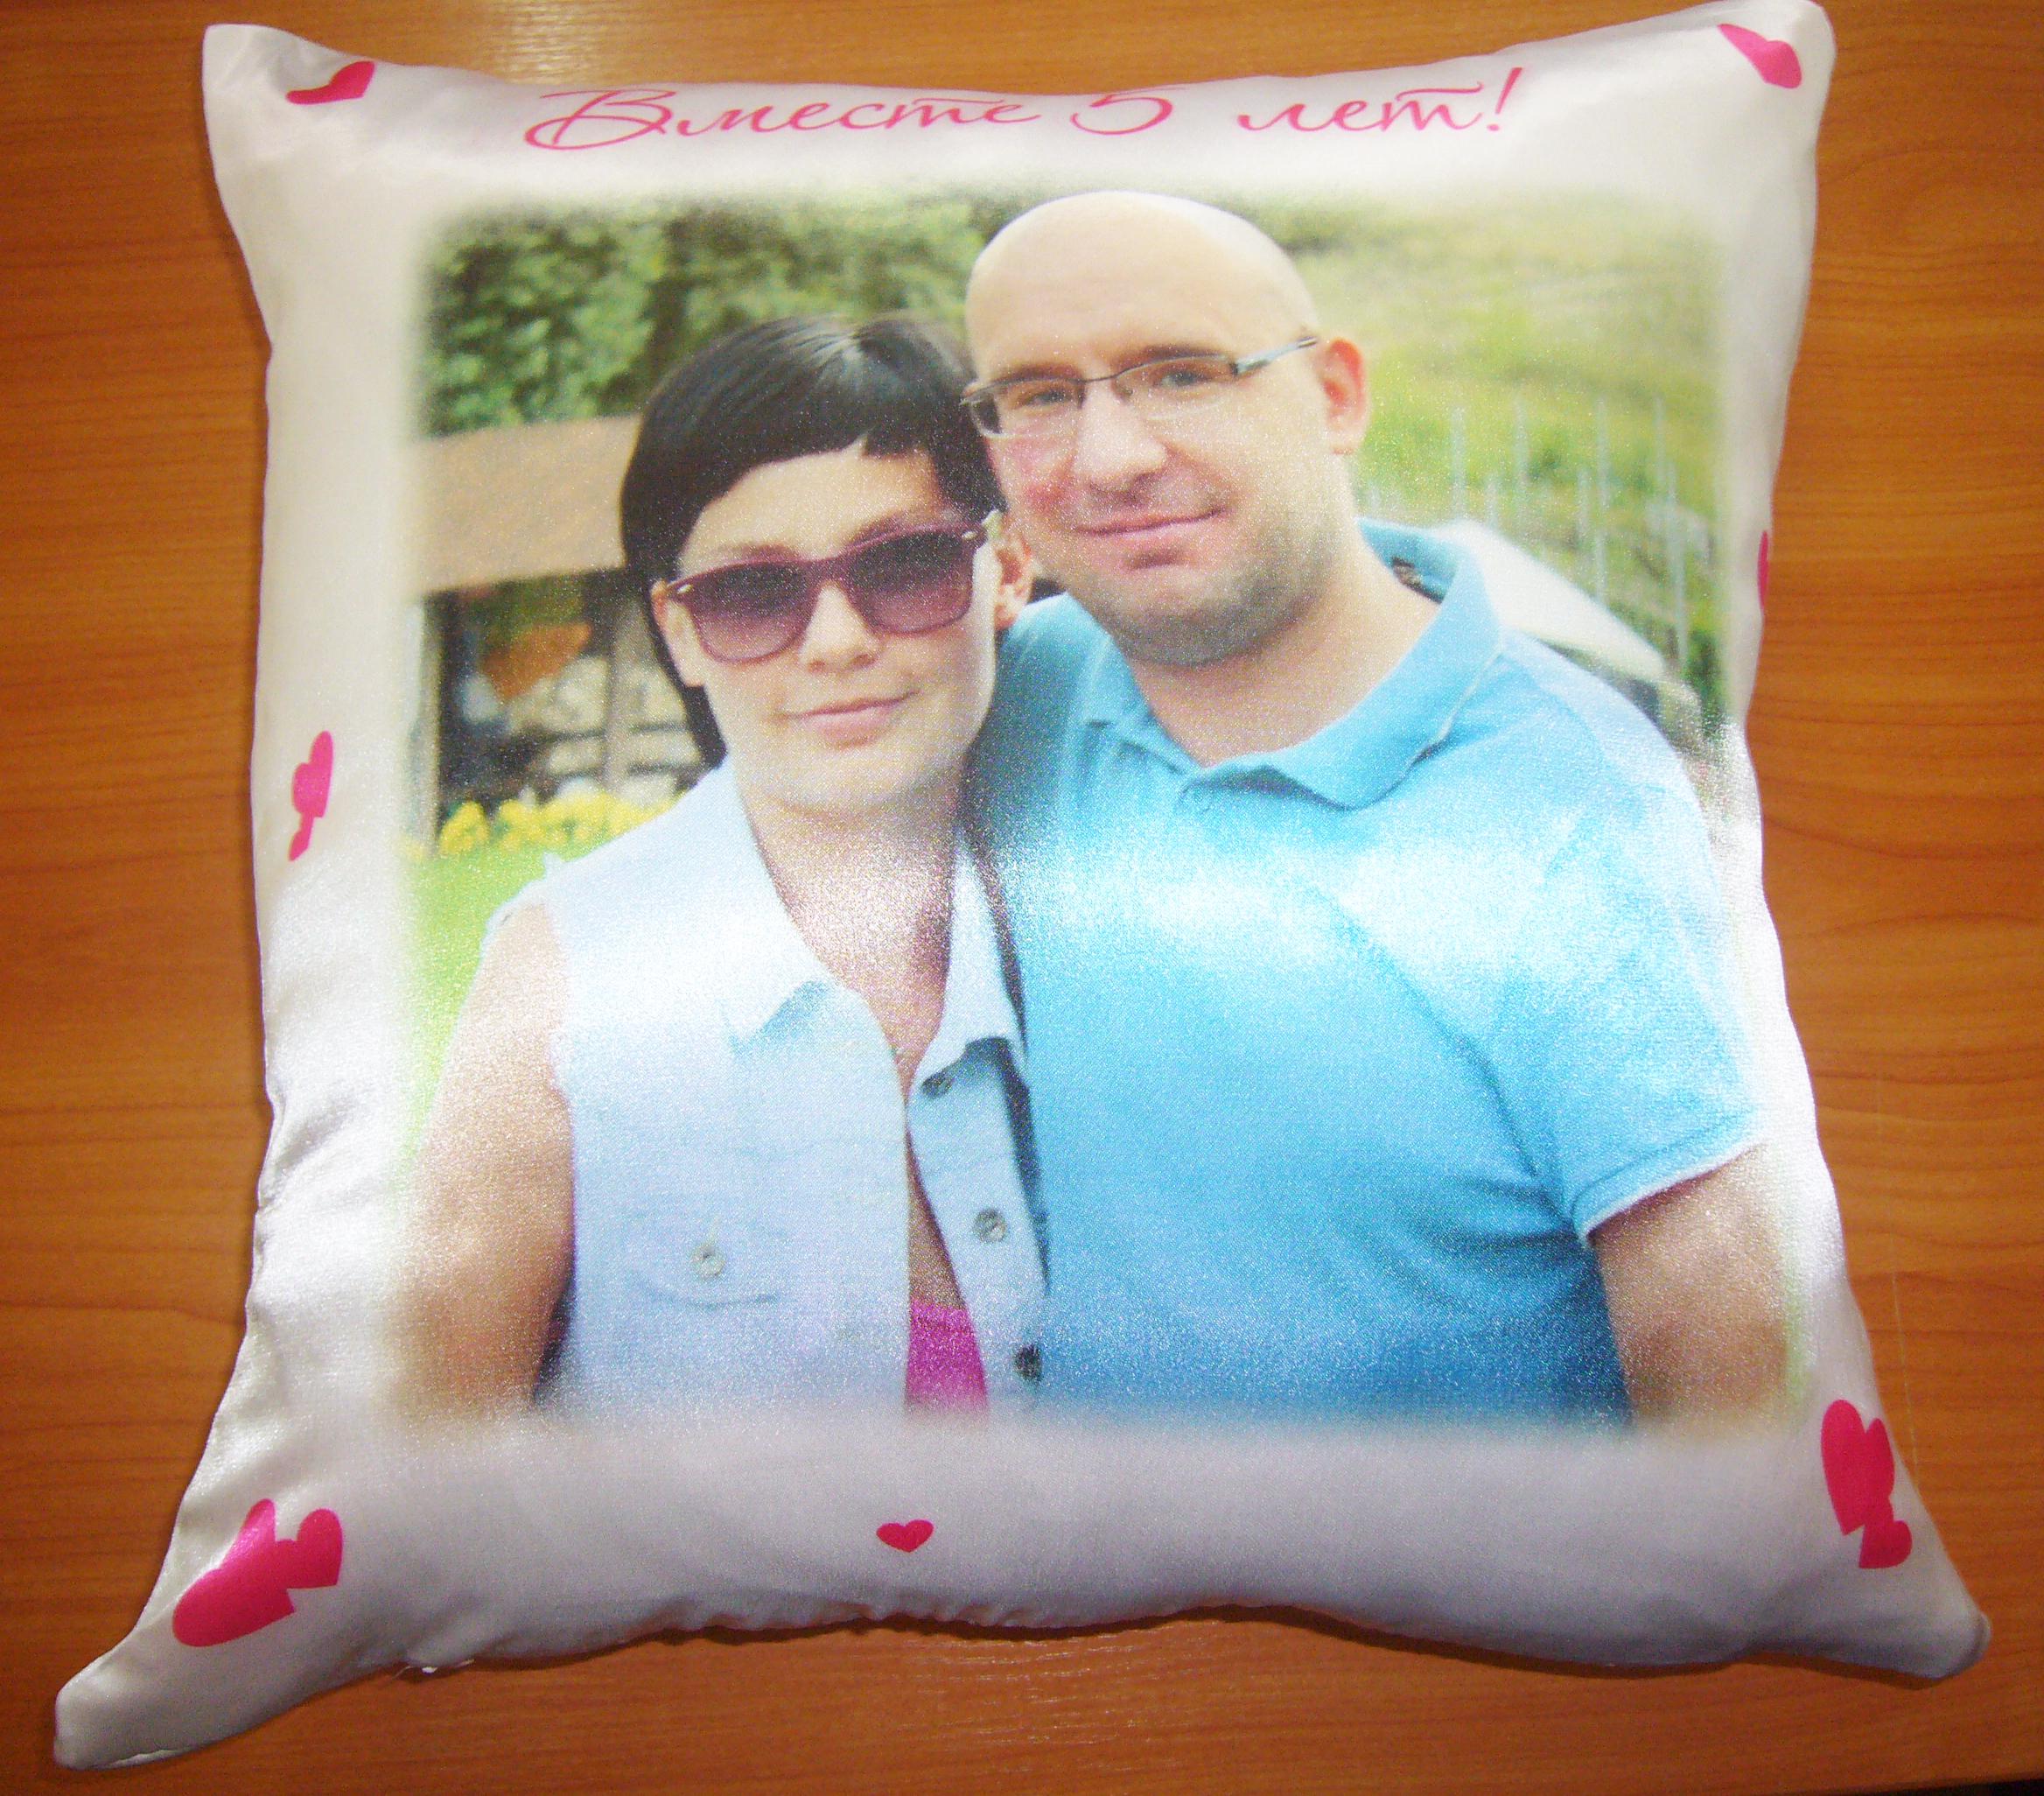 сколько стоит напечатать фото на подушке свадьбу родителей